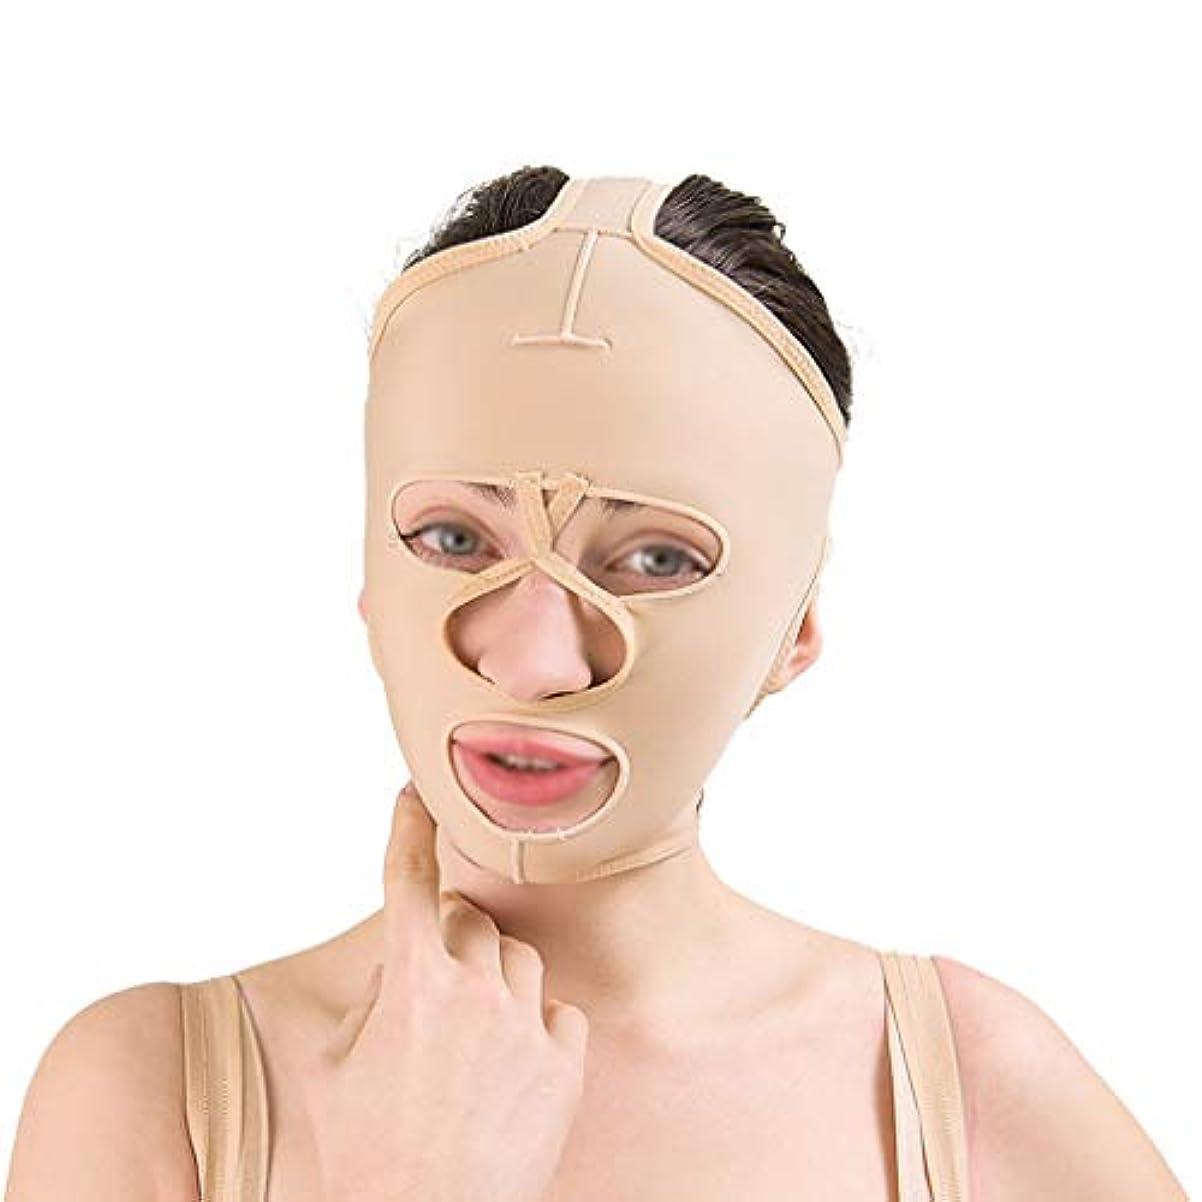 韻本能聴覚XHLMRMJ フェイシャルリフティングツール、フェイシャルビューティリフティングマスク、通気性のあるファーミングリフティングフェイシャル包帯、フェイシャルタイトバンデージ (Size : XL)